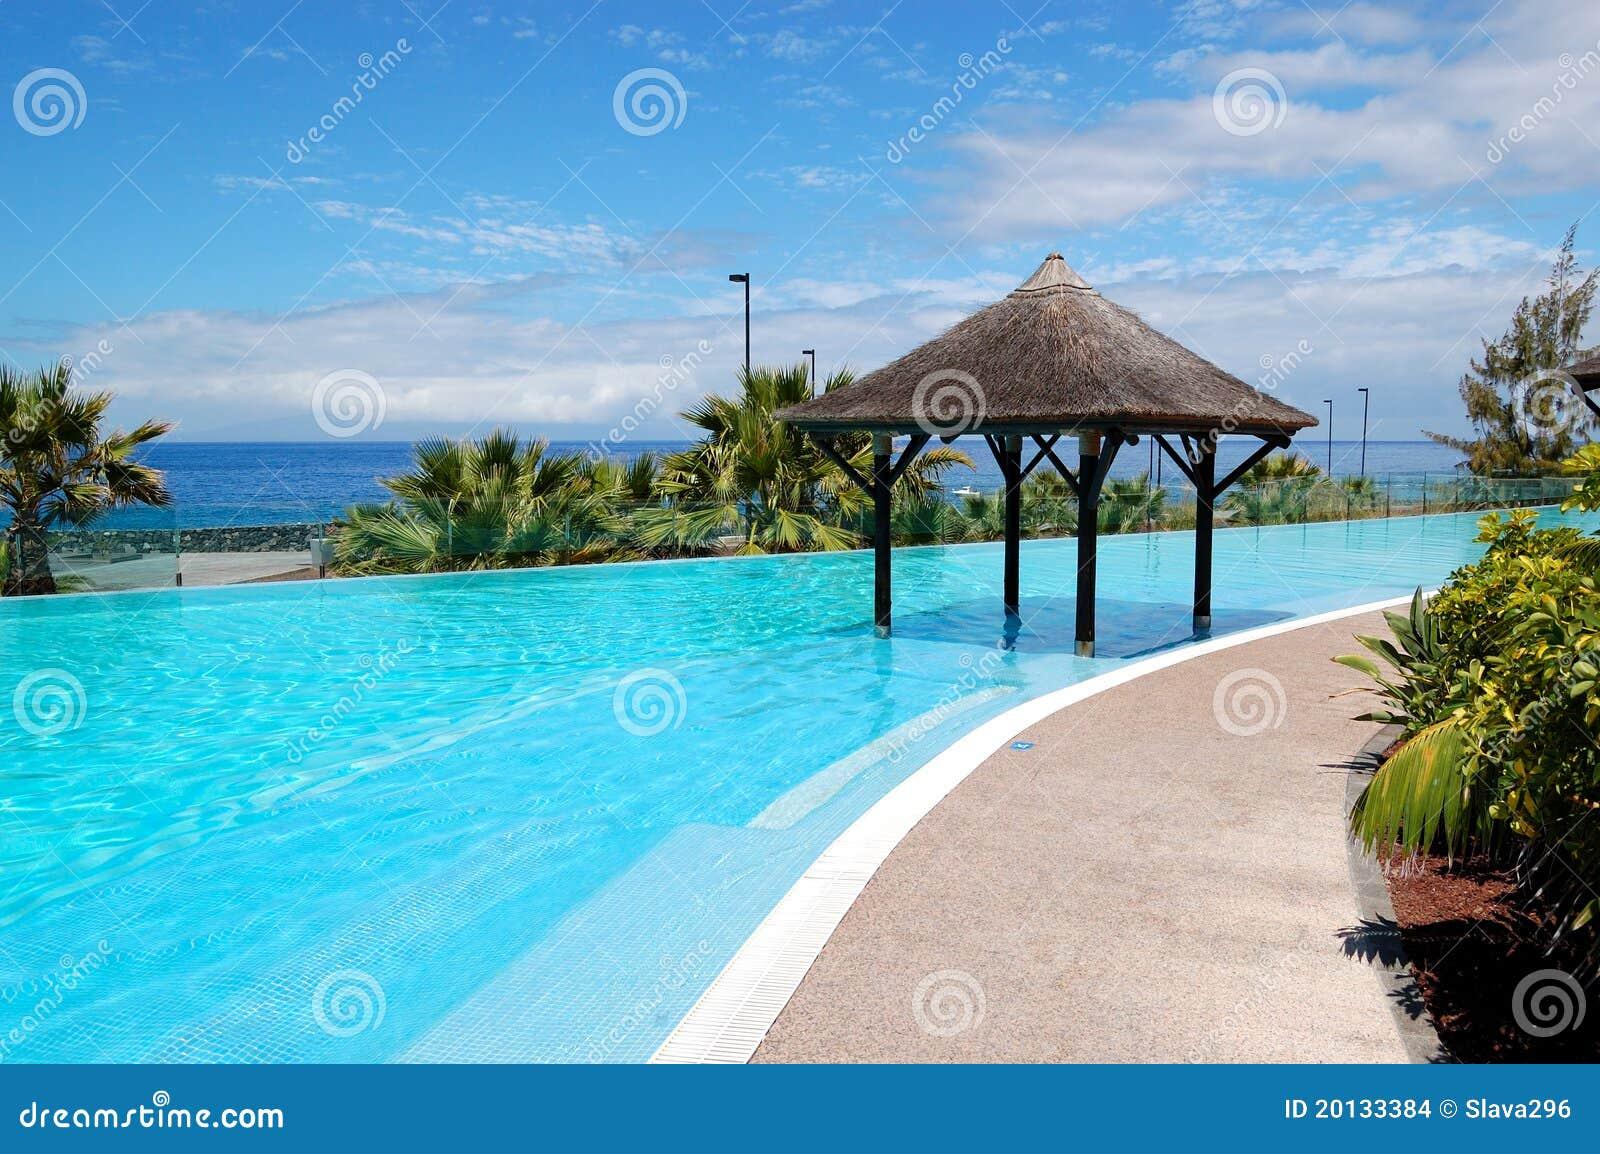 Zwembad met het type van bali hut en strand stock afbeeldingen afbeelding 20133384 - Zwembad met strand ...